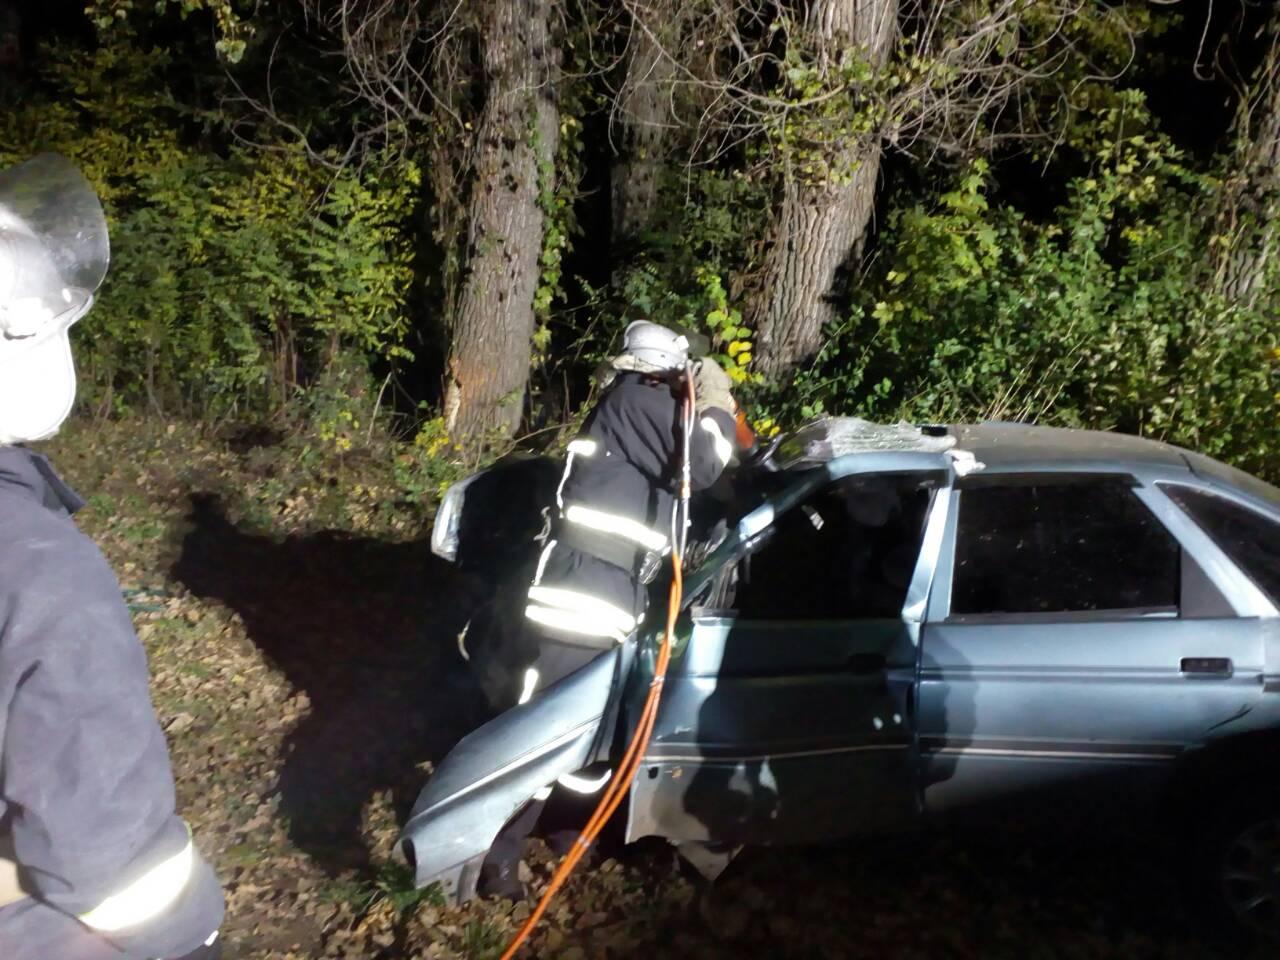 Смертельна аварія: чоловік не впорався з керуванням і влетів у дерево. ФОТО - 2 - За кермом - Без Купюр